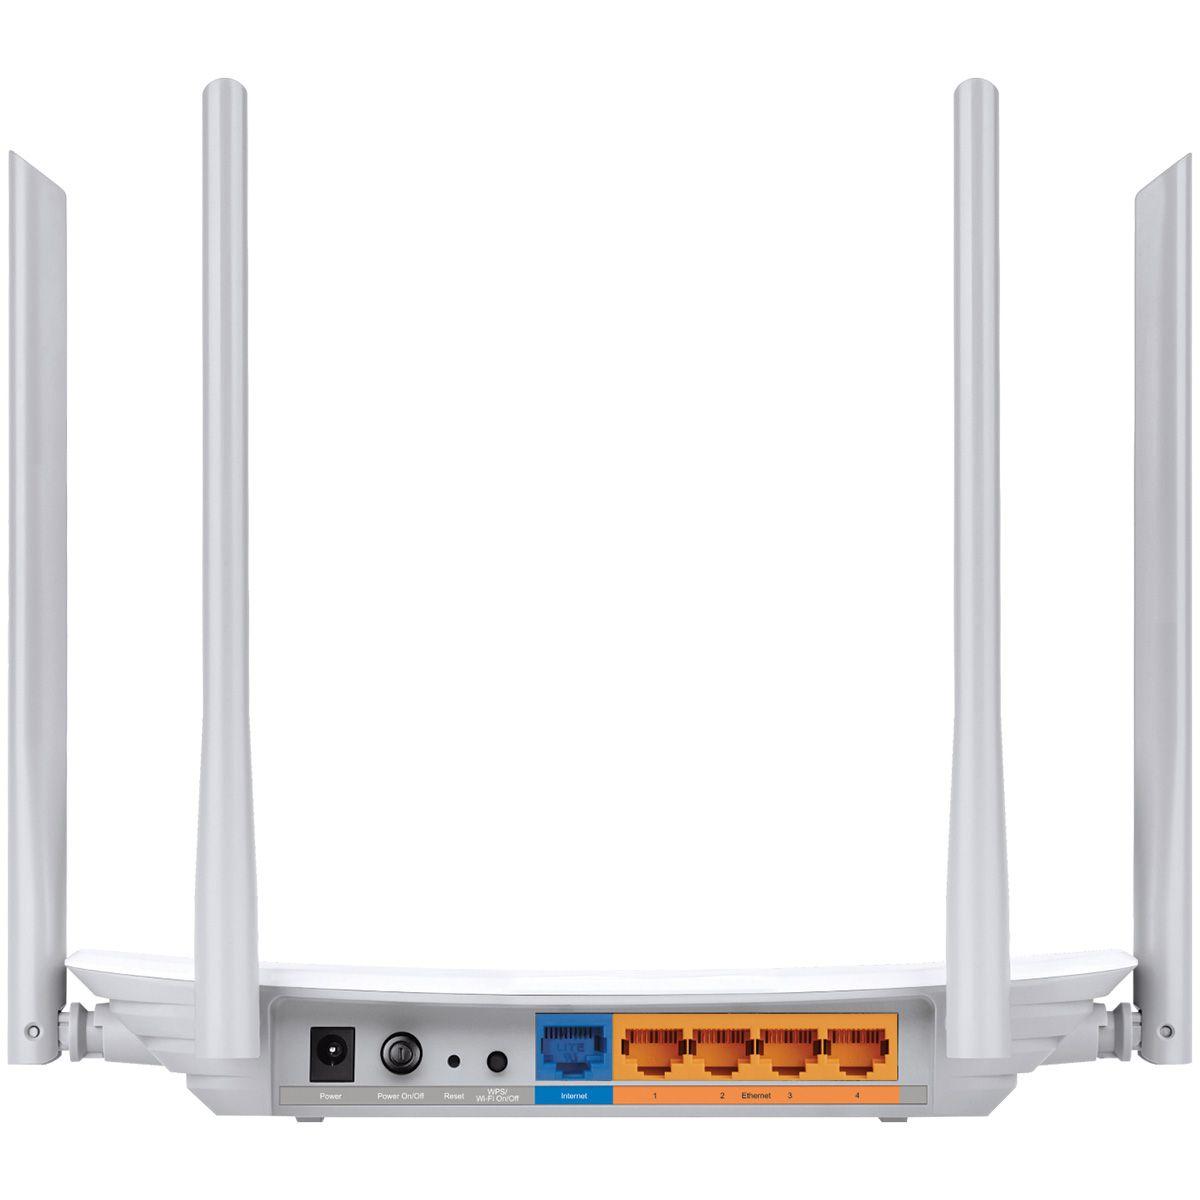 Roteador Wireless Dual BAND 2.4/5GHZ AC1200 ARCHER 4 Antenas C50 V3 com CHECK IN NO Facebook